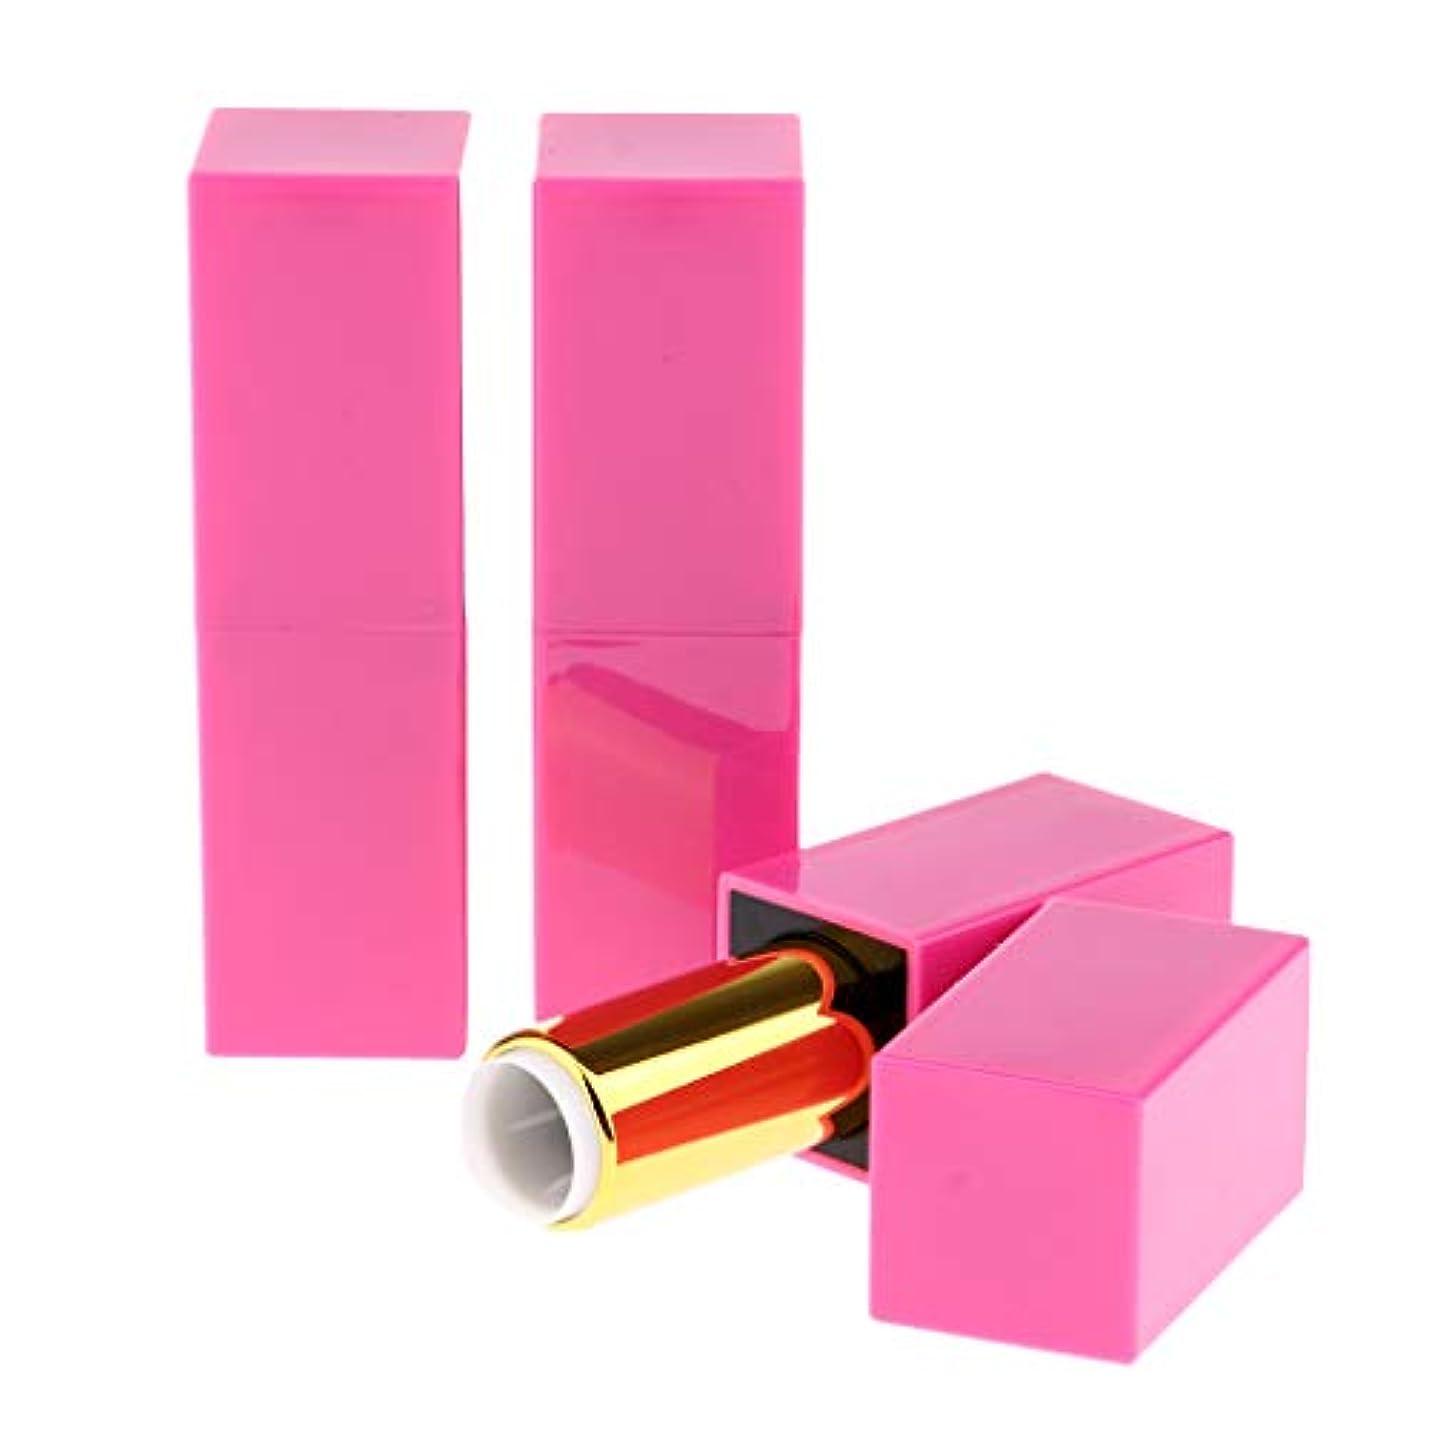 決定する低下呪いCUTICATE 化粧チューブ 空の口紅チューブ リップグロスチューブ リップグロス容器 12.1mm 3本パック